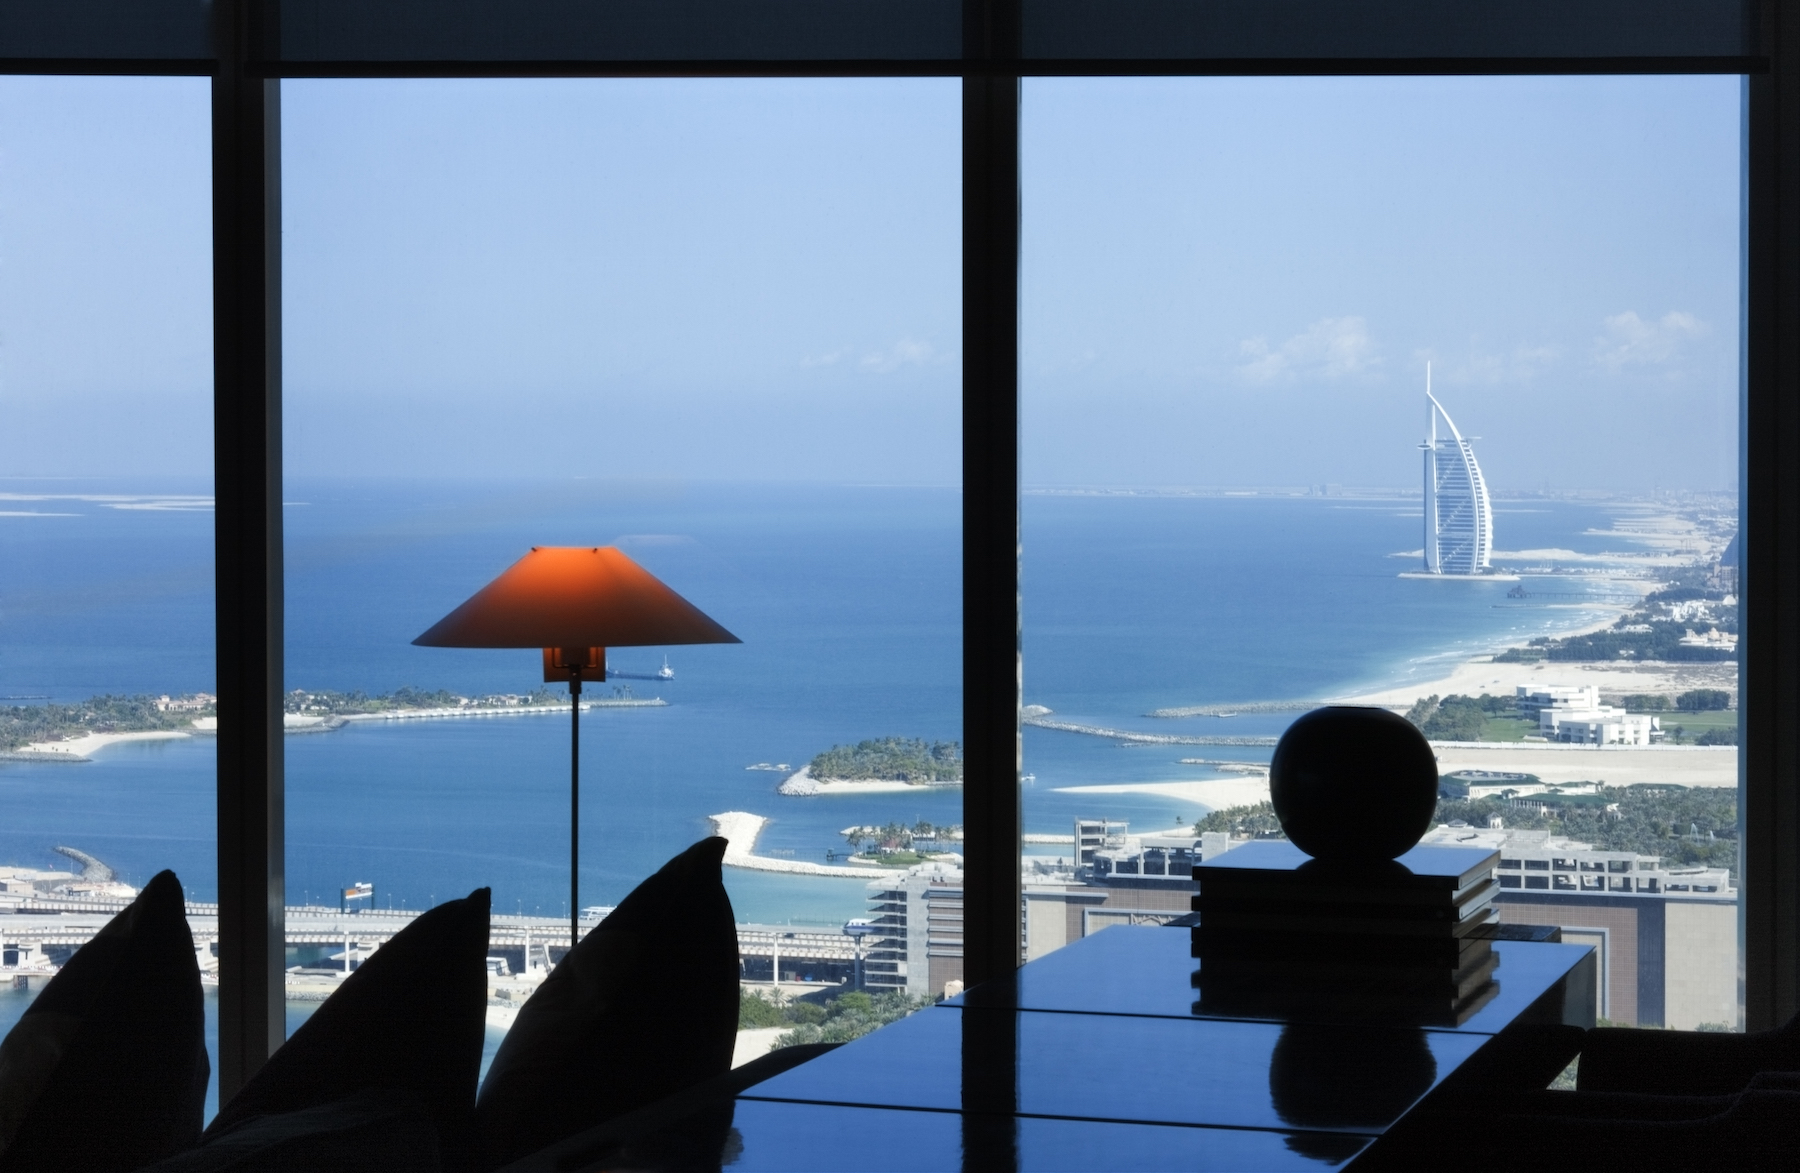 Căn hộ vì Bán tại Dubai's TOP Penthouse Dubai Marina, Dubai, Dubai Các Tiểu Vương Quốc Ả-Rập Thống Nhất